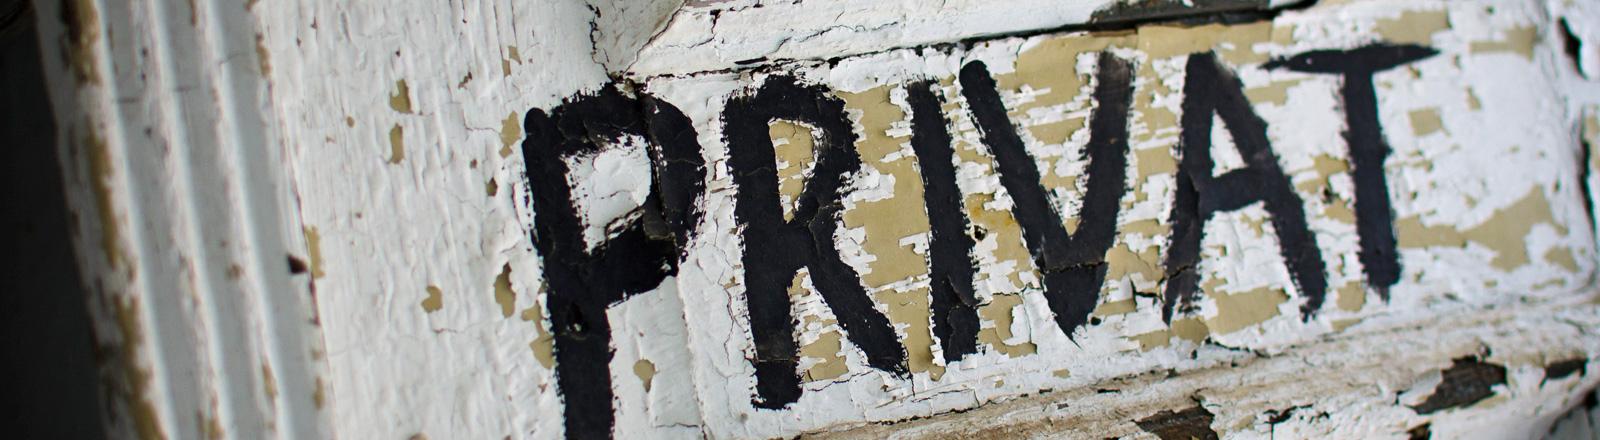 """Auf einer Holztür, von der der weiße Lack abblättert steht """"privat""""."""